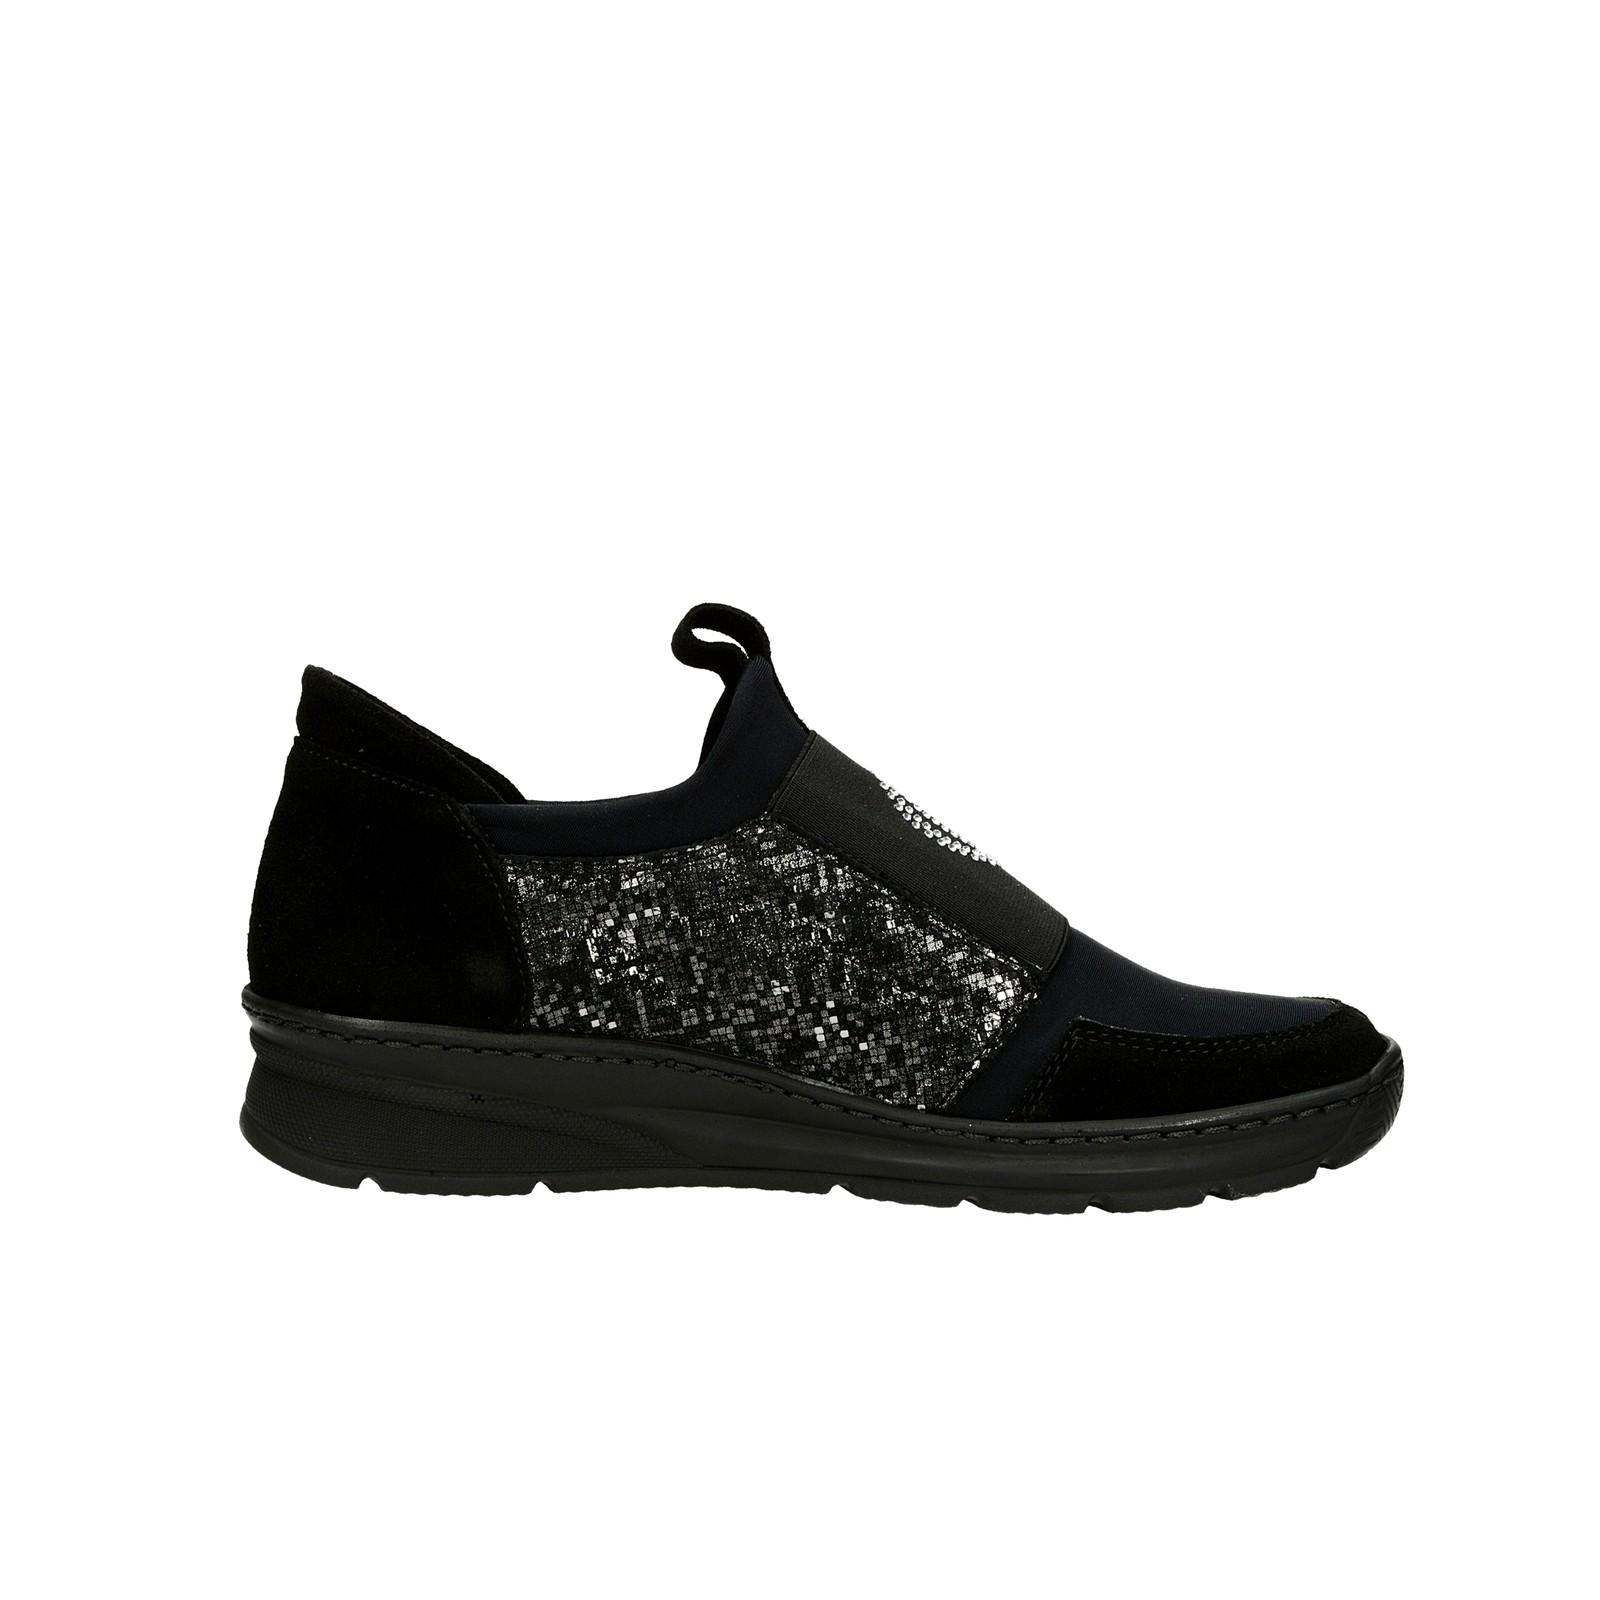 Olivia shoes dámske tenisky s ozdobnými kamienkami - čierne ... ad3032a5654